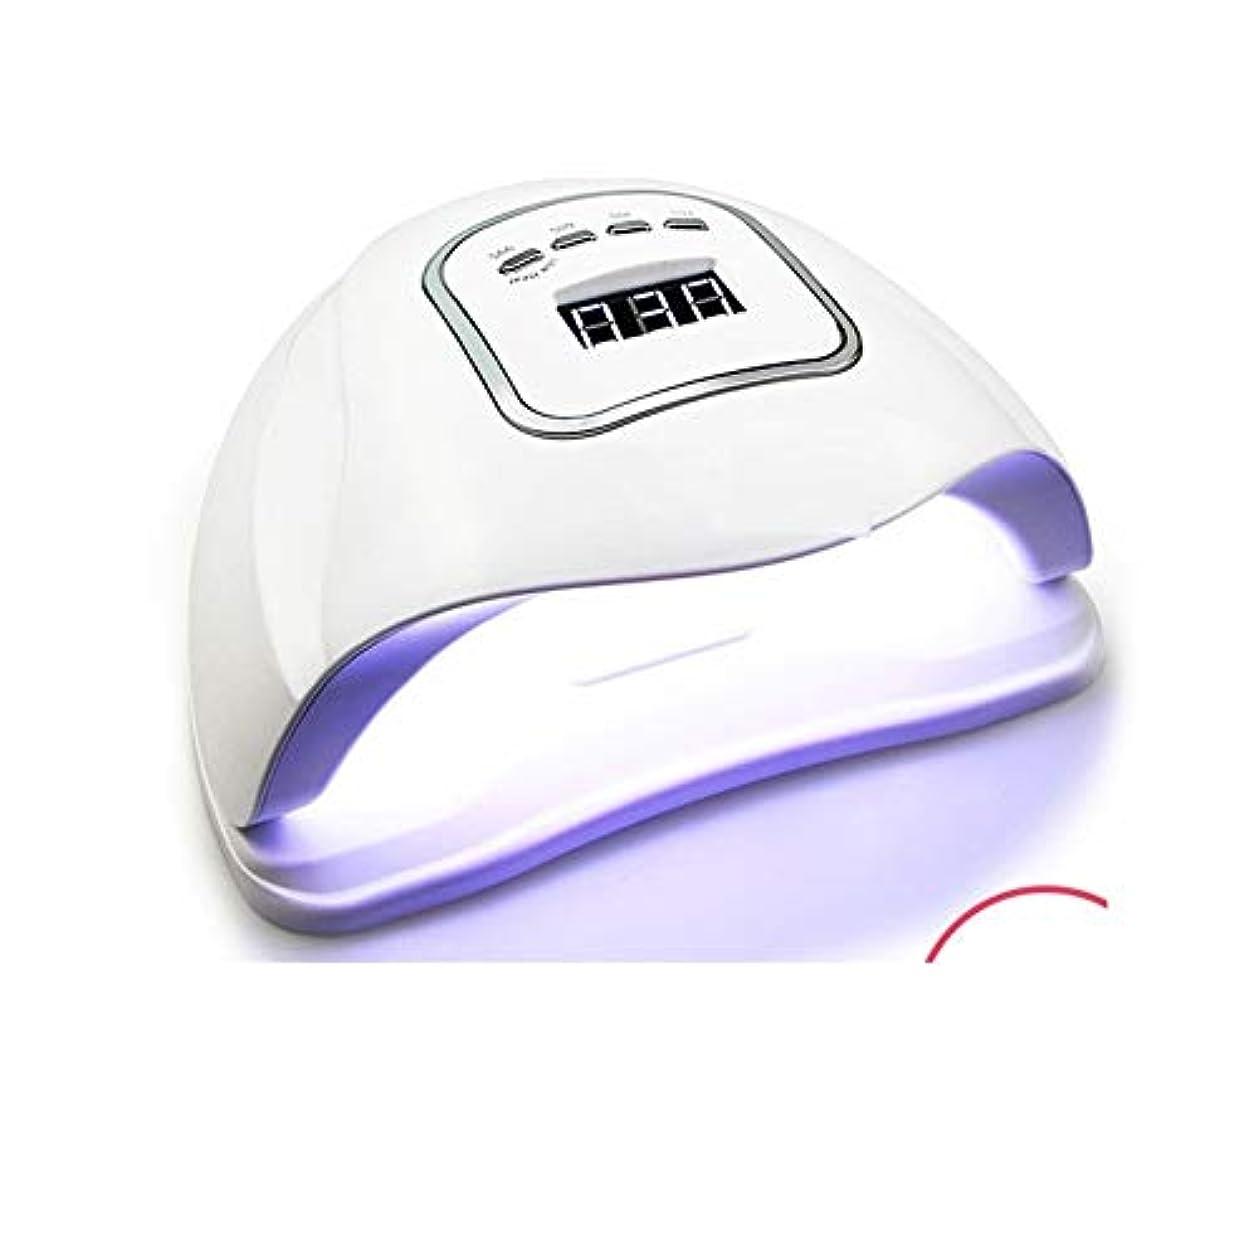 雪の他の場所慣れているLittleCat ネイルセンサー120Wの熱ランプライトセラピー機ドライヤープラスチック速乾性ネイルポリッシュ工作機械のLEDライト (色 : American standard flat plug)